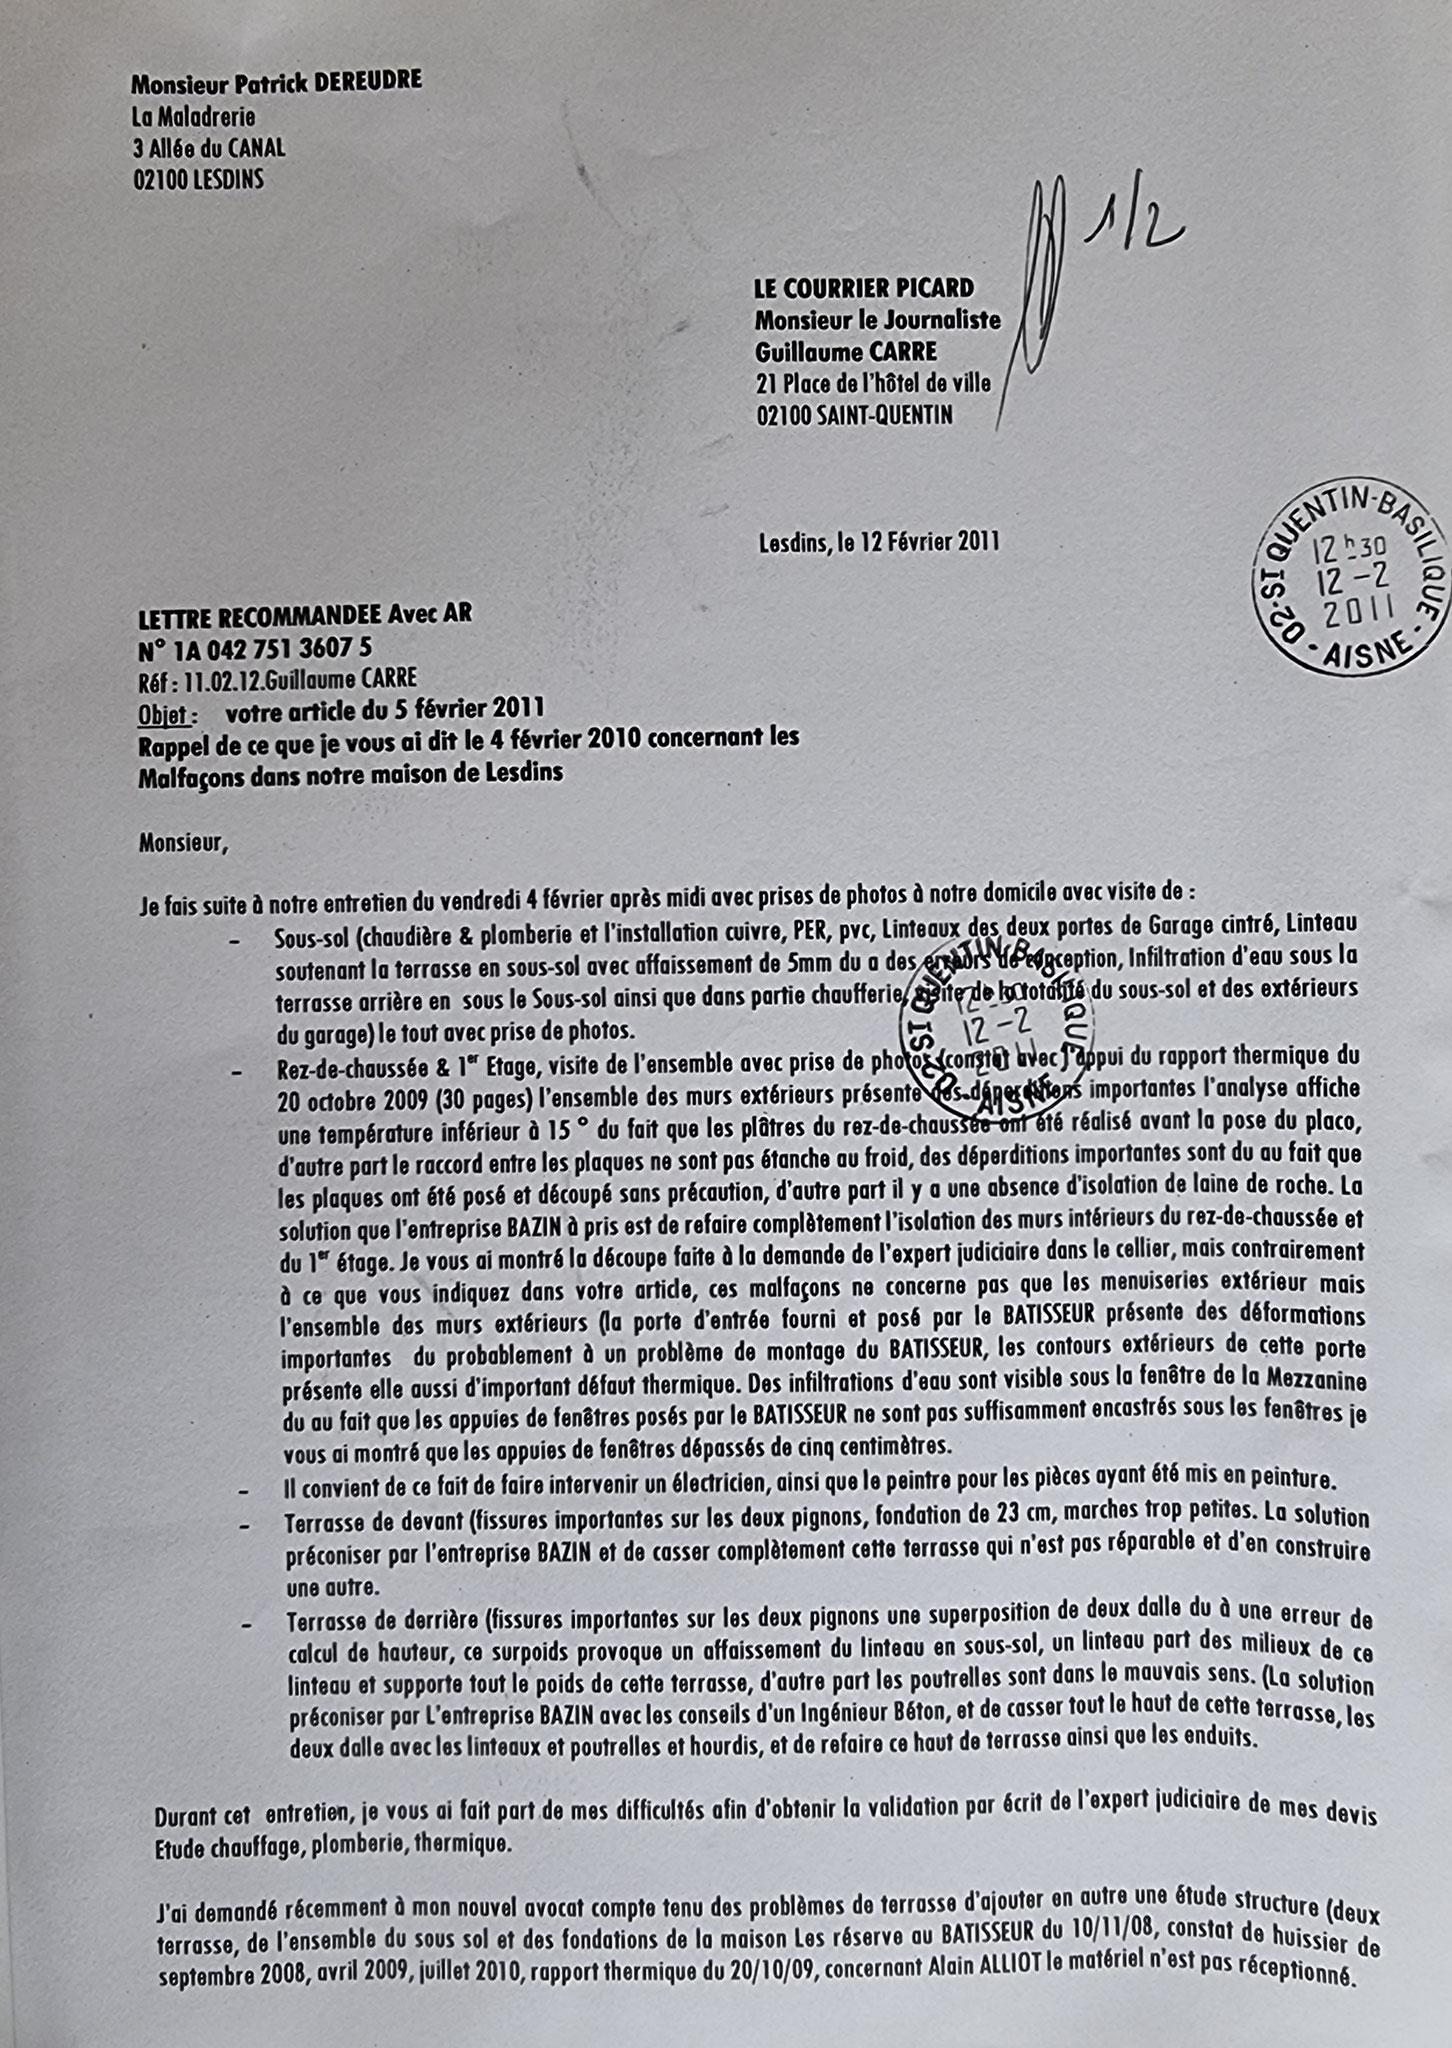 Le 12 Février 2011 j'adresse une LRAR au COURRIER PICARD    C'est IGNOBLE et LAMENTABLE...    Il y a de la communication entre copains    INACCEPTABLE  BORDERLINE    EXPERTISES JUDICIAIRES ENTRE COPAINS...  www.jesuispatrick.fr